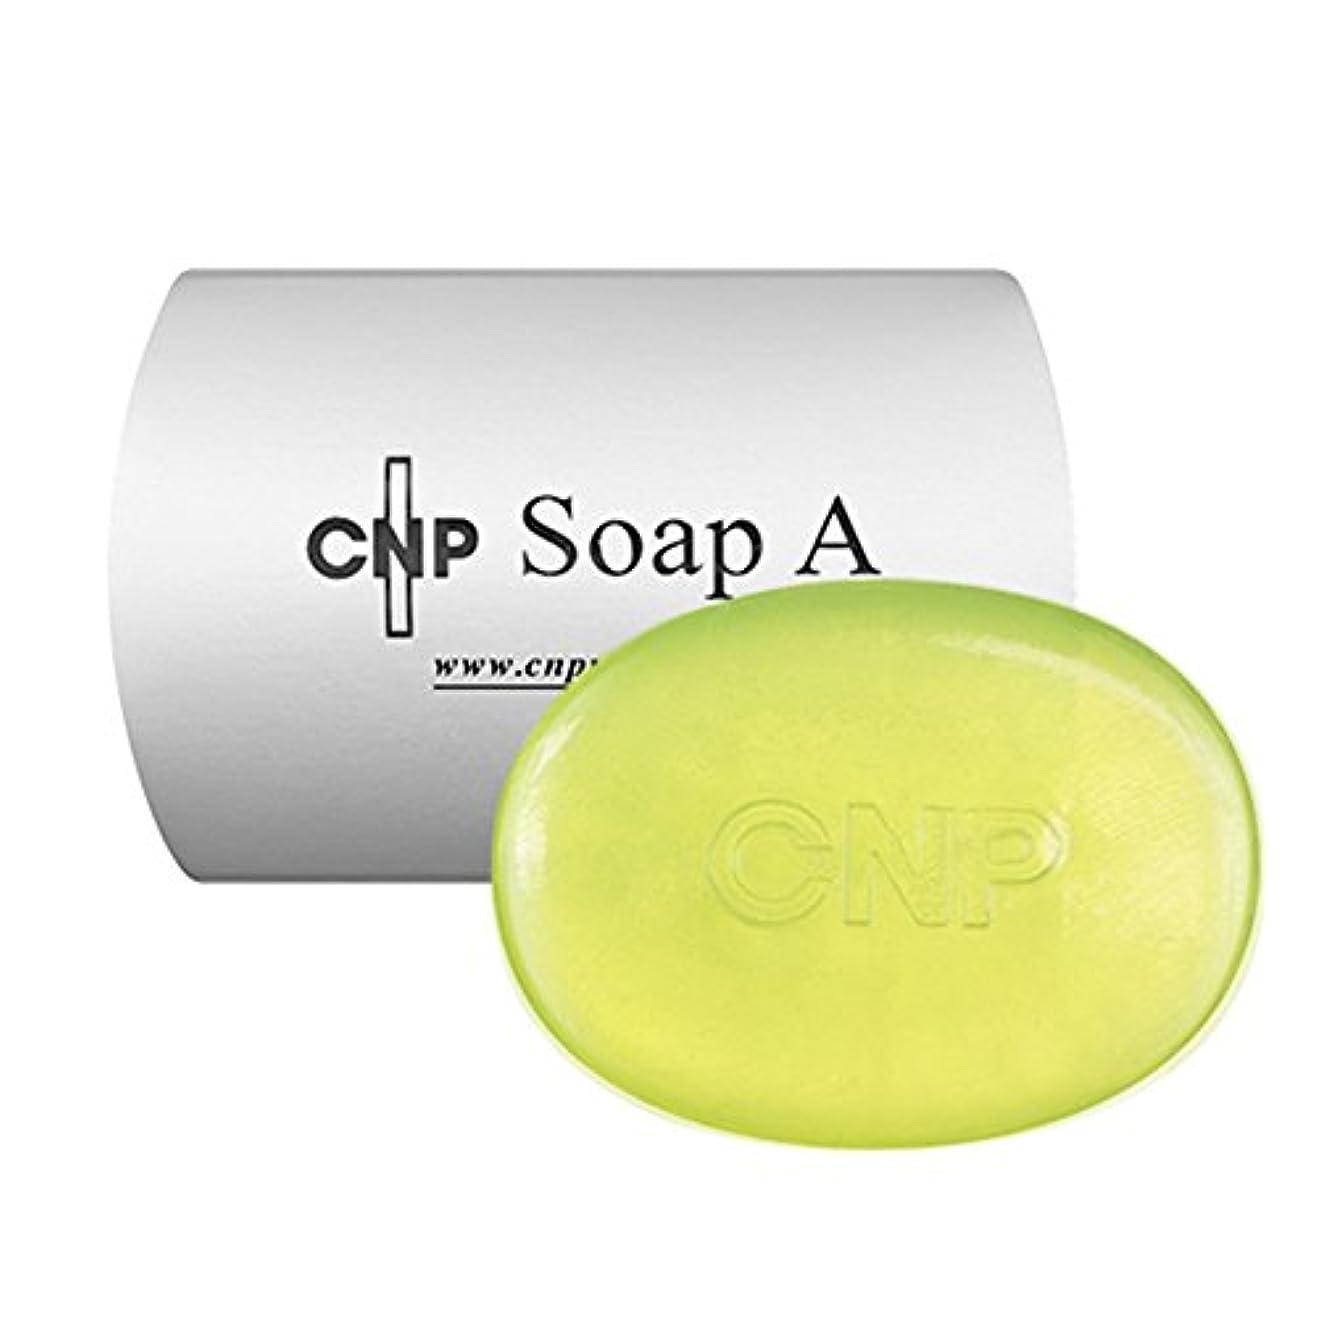 摘むヒープ木材CNP Soap A チャアンドパク ソープ A [並行輸入品]